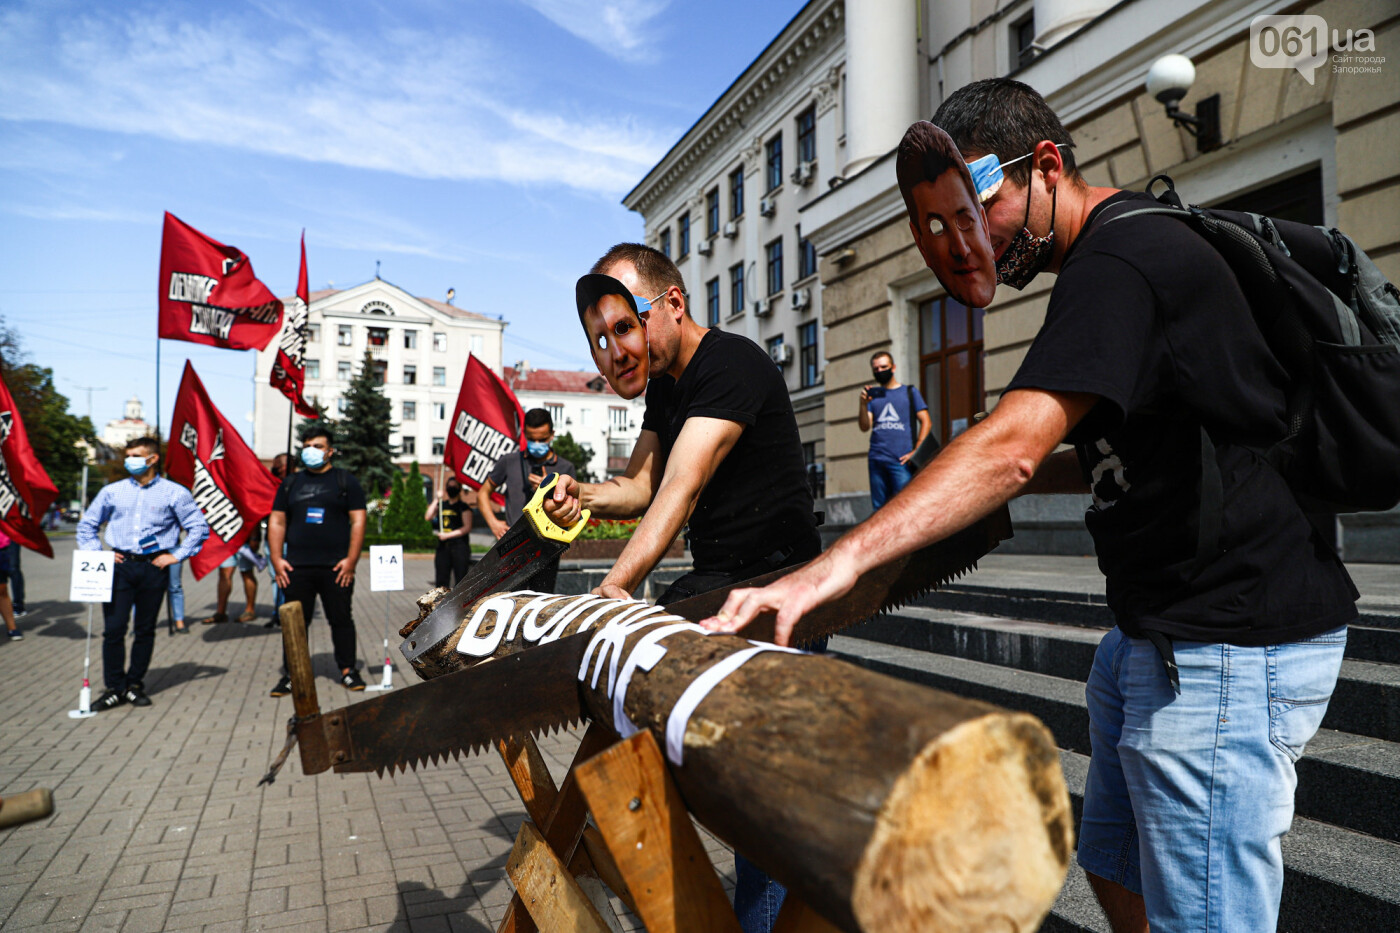 С пилами и в масках: в Запорожье возле мэрии активисты показали, как распиливают городской бюджет, - ФОТОРЕПОРТАЖ, фото-15